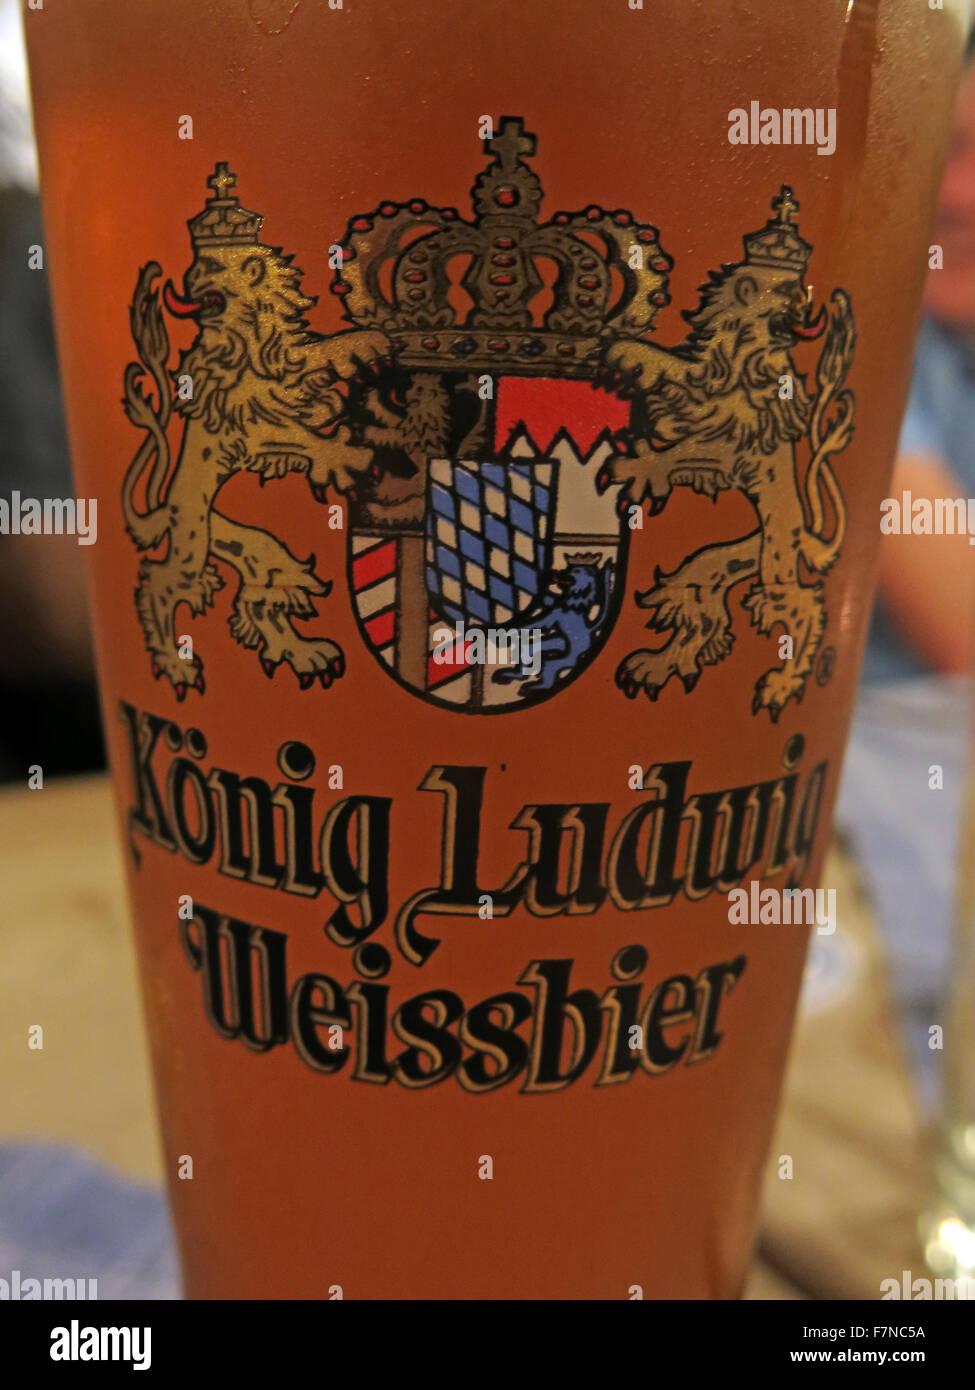 Laden Sie dieses Alamy Stockfoto Ein Glas von König Ludwig Weißbier, München, Deutschland - F7NC5A